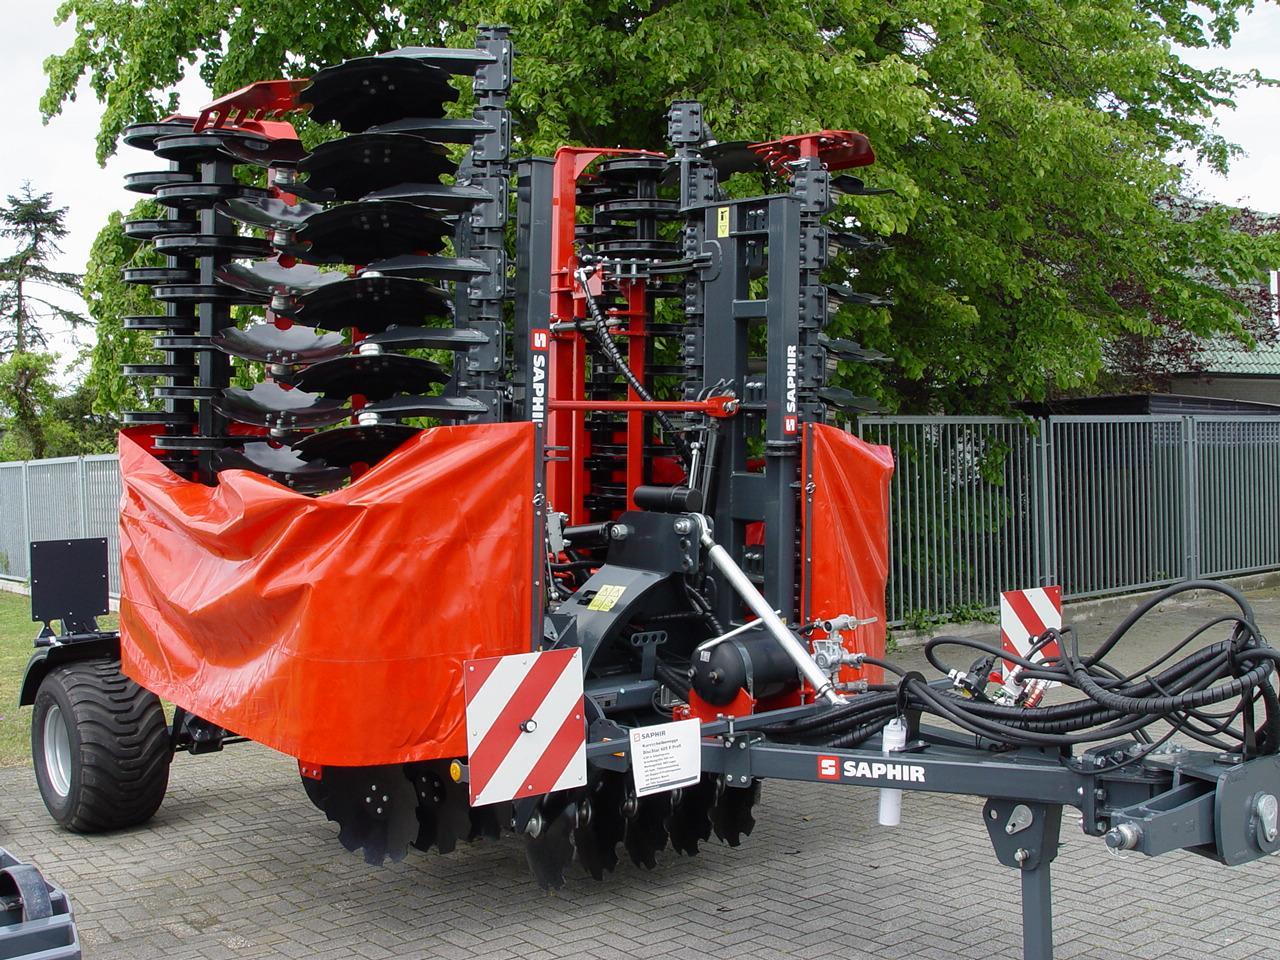 Saphir Discatar 605F